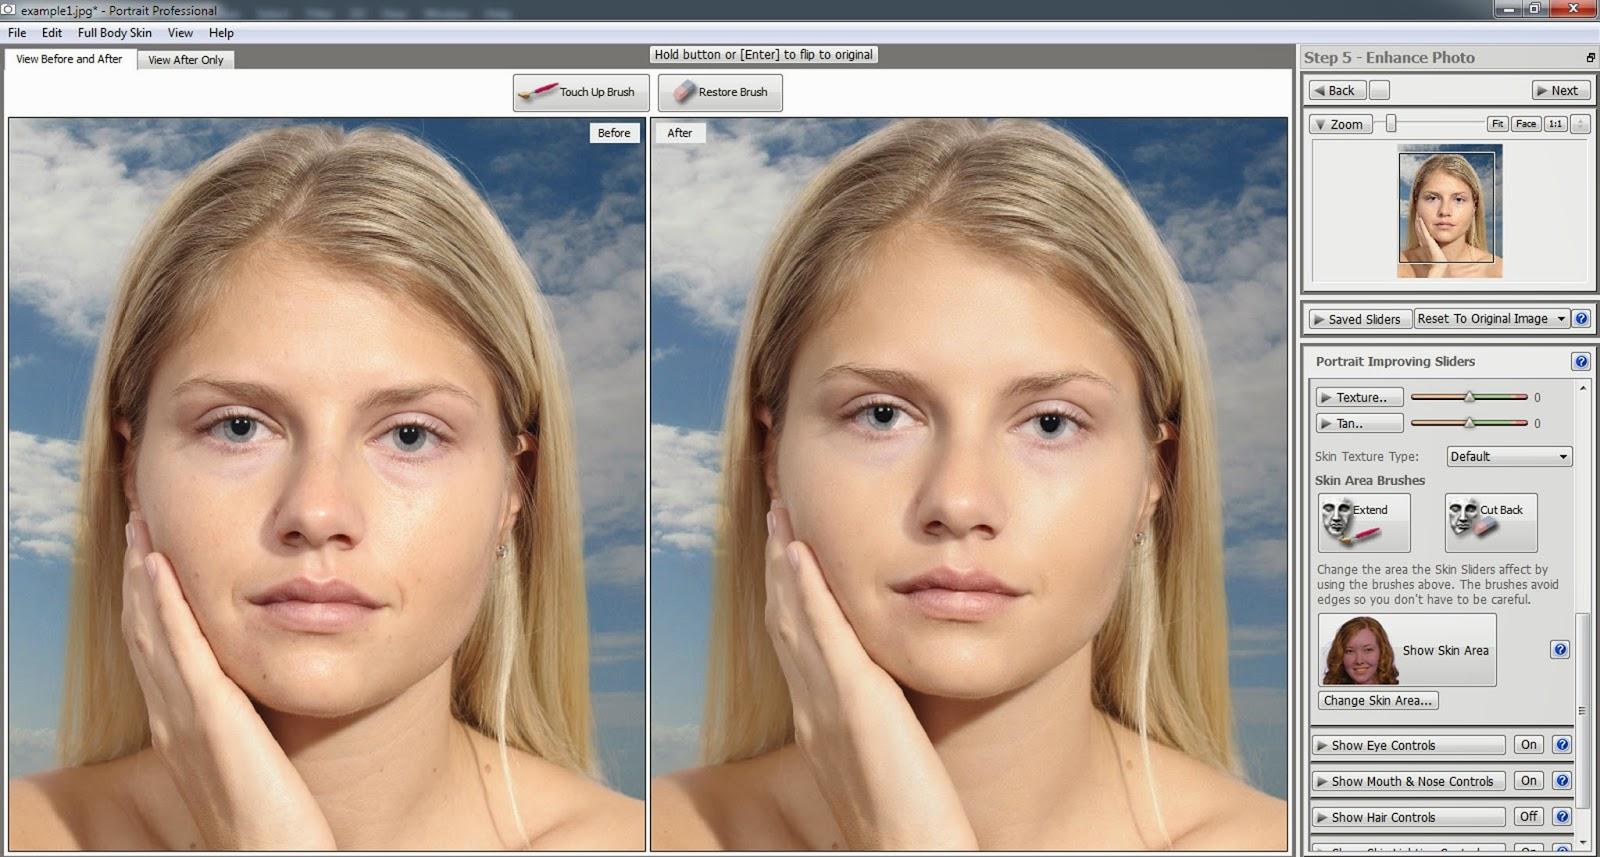 10 Cara Menghaluskan Kulit Wajah Cepat Secara Alami